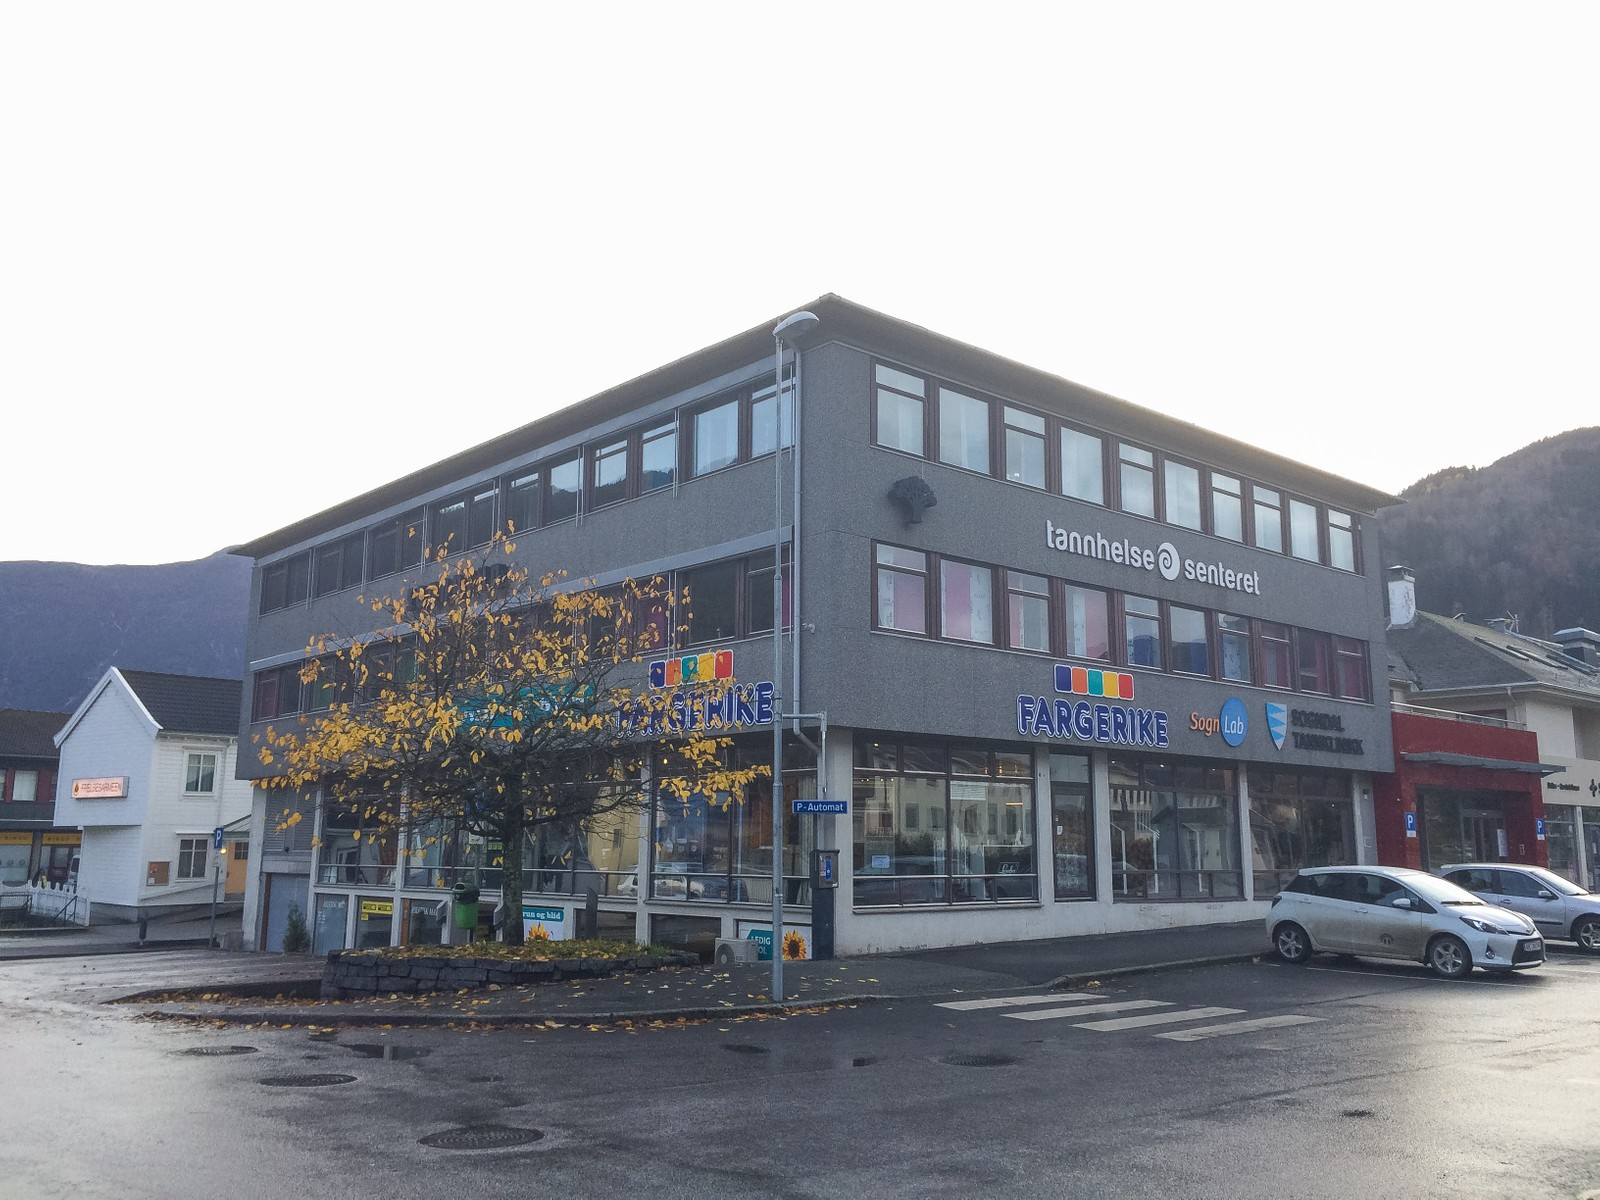 NYE LEILEGHEITER I SENTRUM: Det er planar om 30 leilegheiter og eit garasjeanlegg i Sognatun. Vil koste 70–100 millionar til saman. Dei åtte første leilegheitene skal stå klare i 2016, medan fullføring av prosjektet kan ligge nokre år fram i tid.